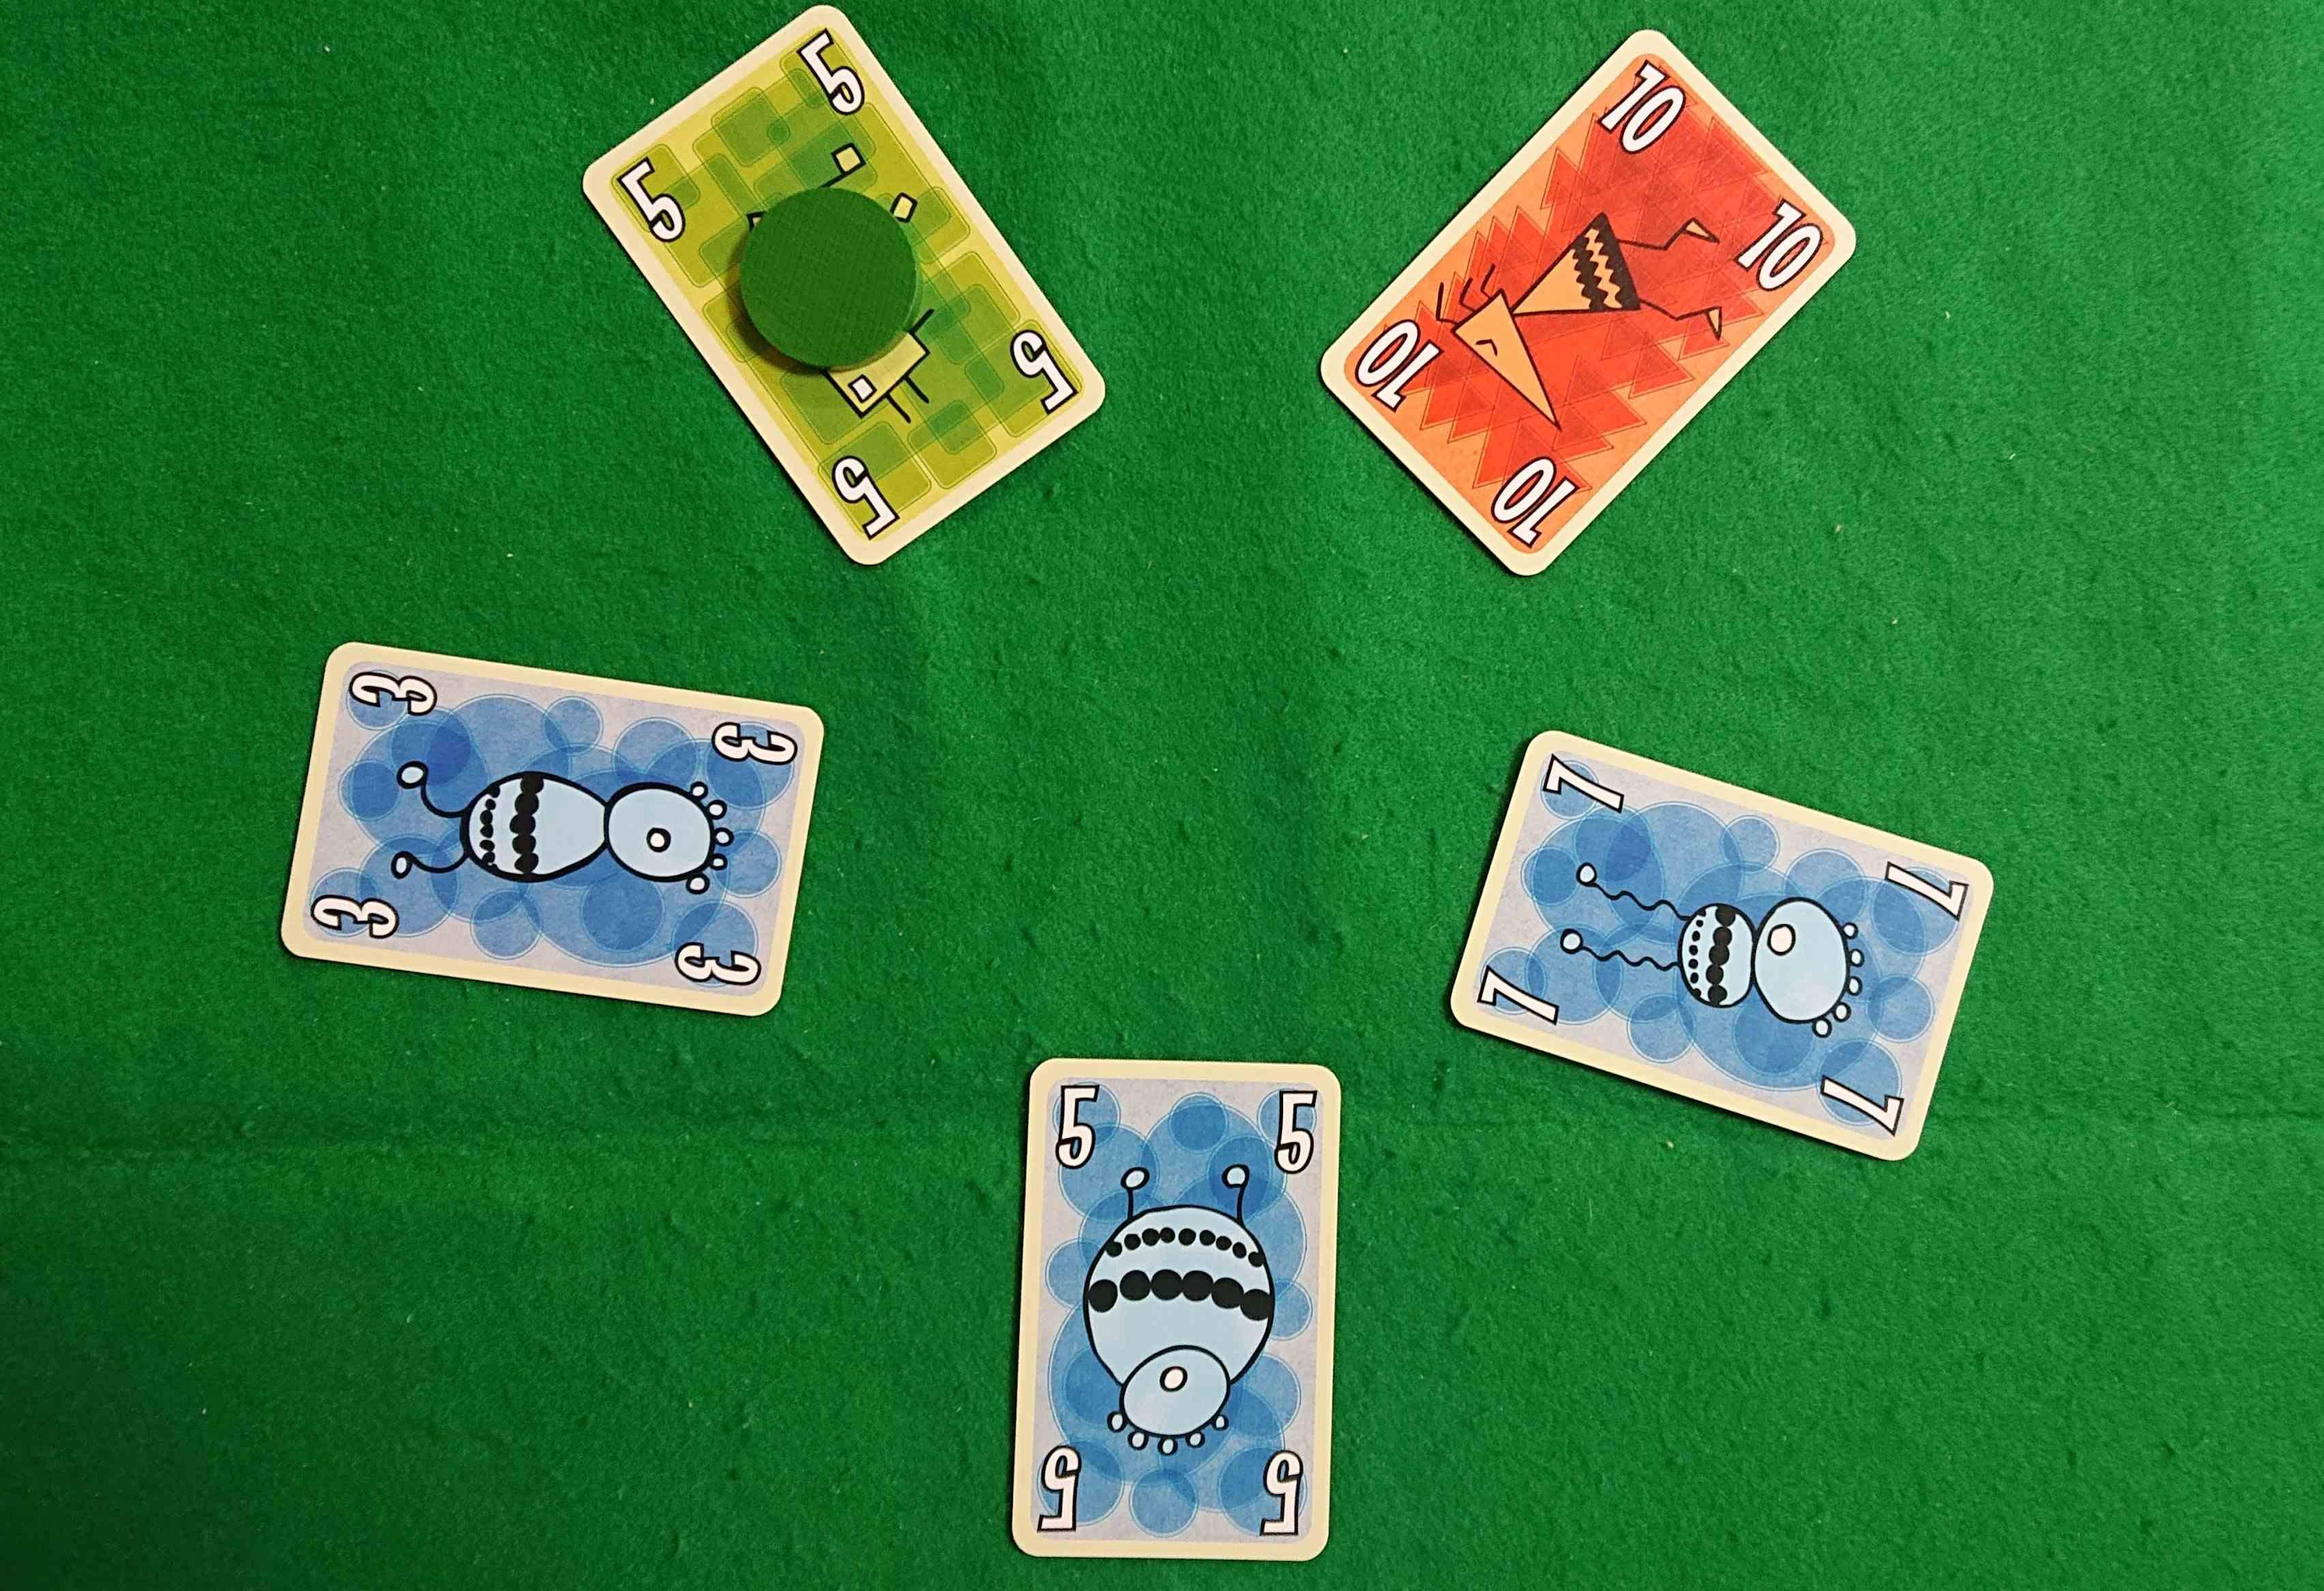 フォッペン おバカ(フォッペン)は誰だ?! 変則トリックテイキングカードゲーム ボードゲーム